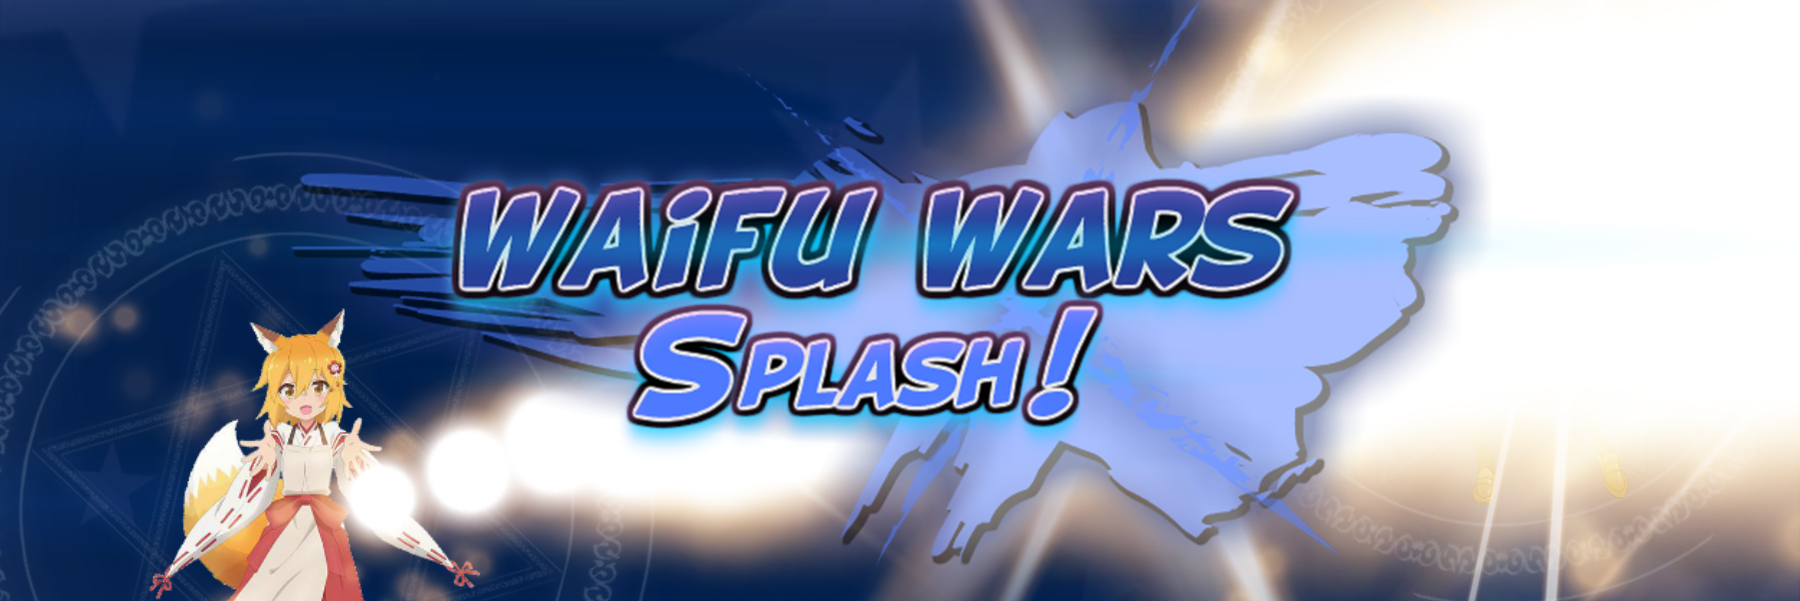 Waifu Wars Splash